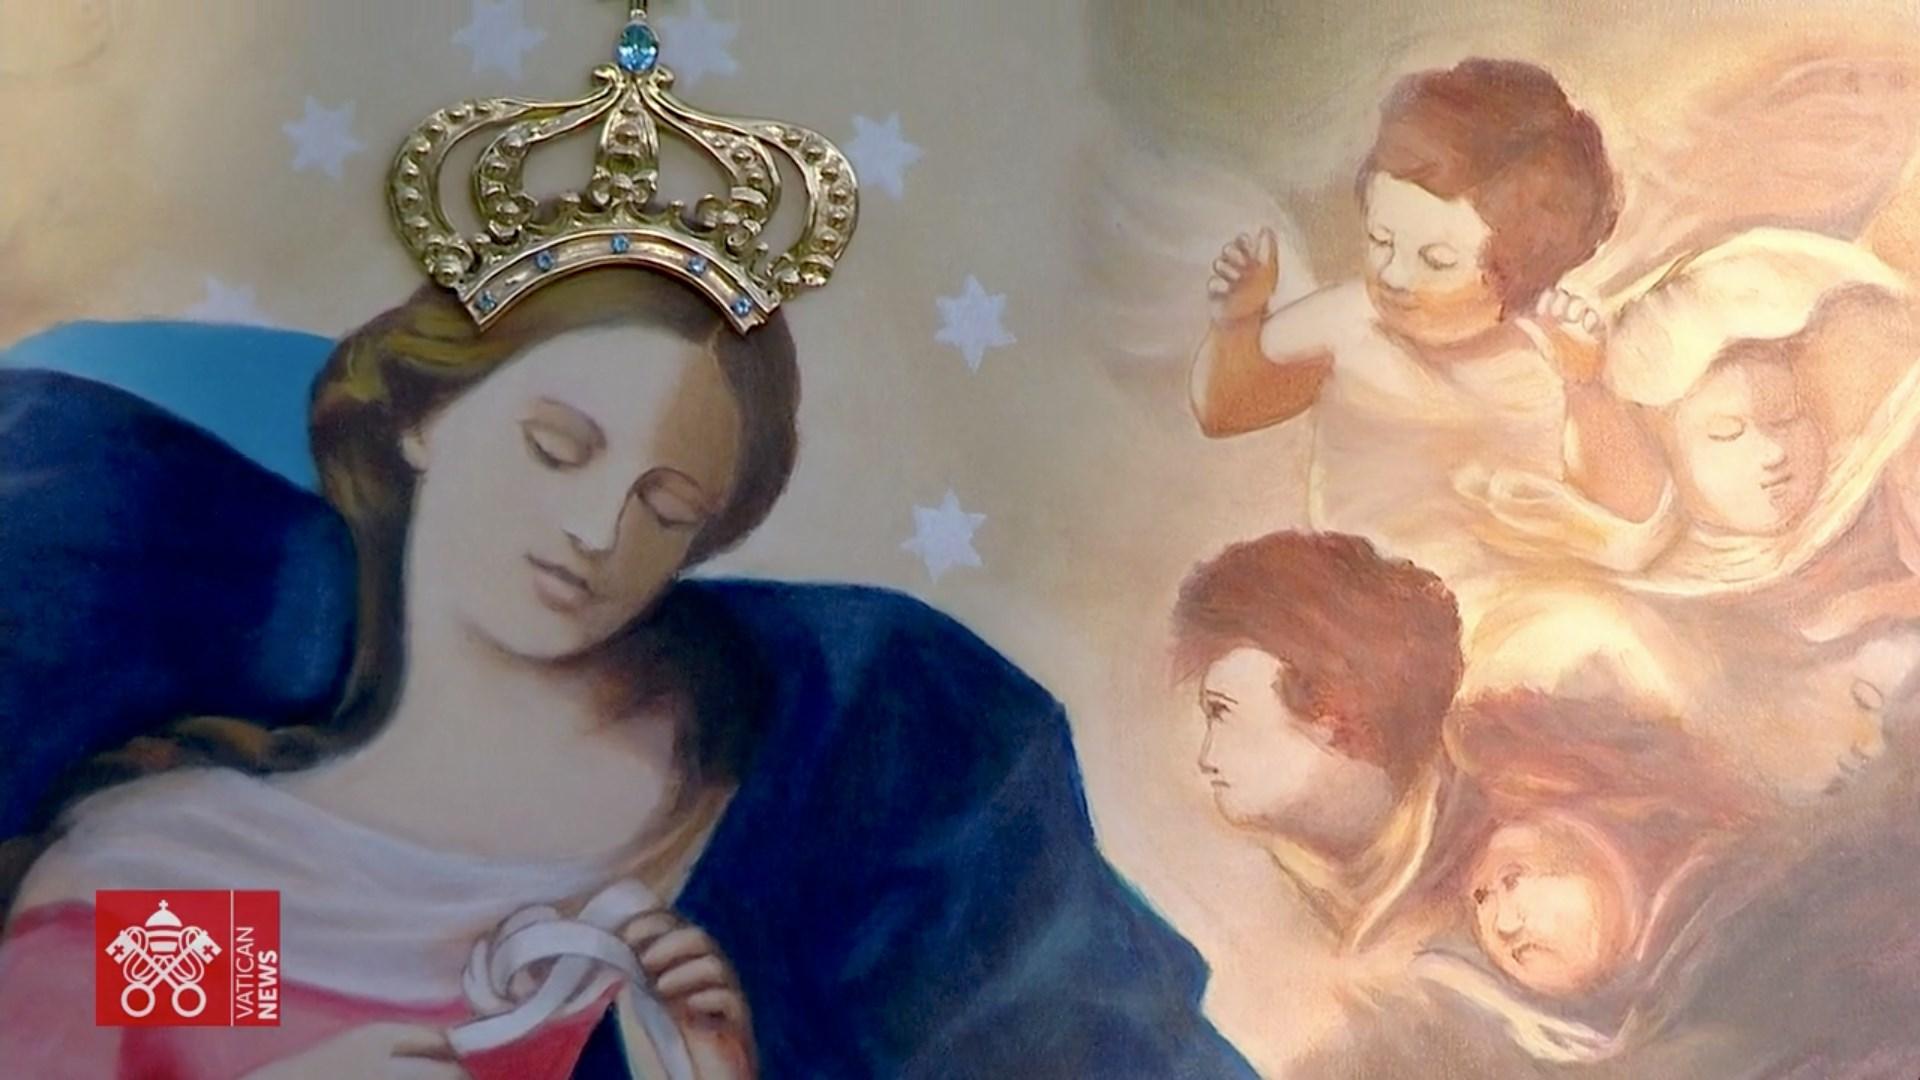 La Vierge qui défait les noeuds d'Augsbourg, couronnée par le pape François, 31 mai 2021, capture Vatican Media